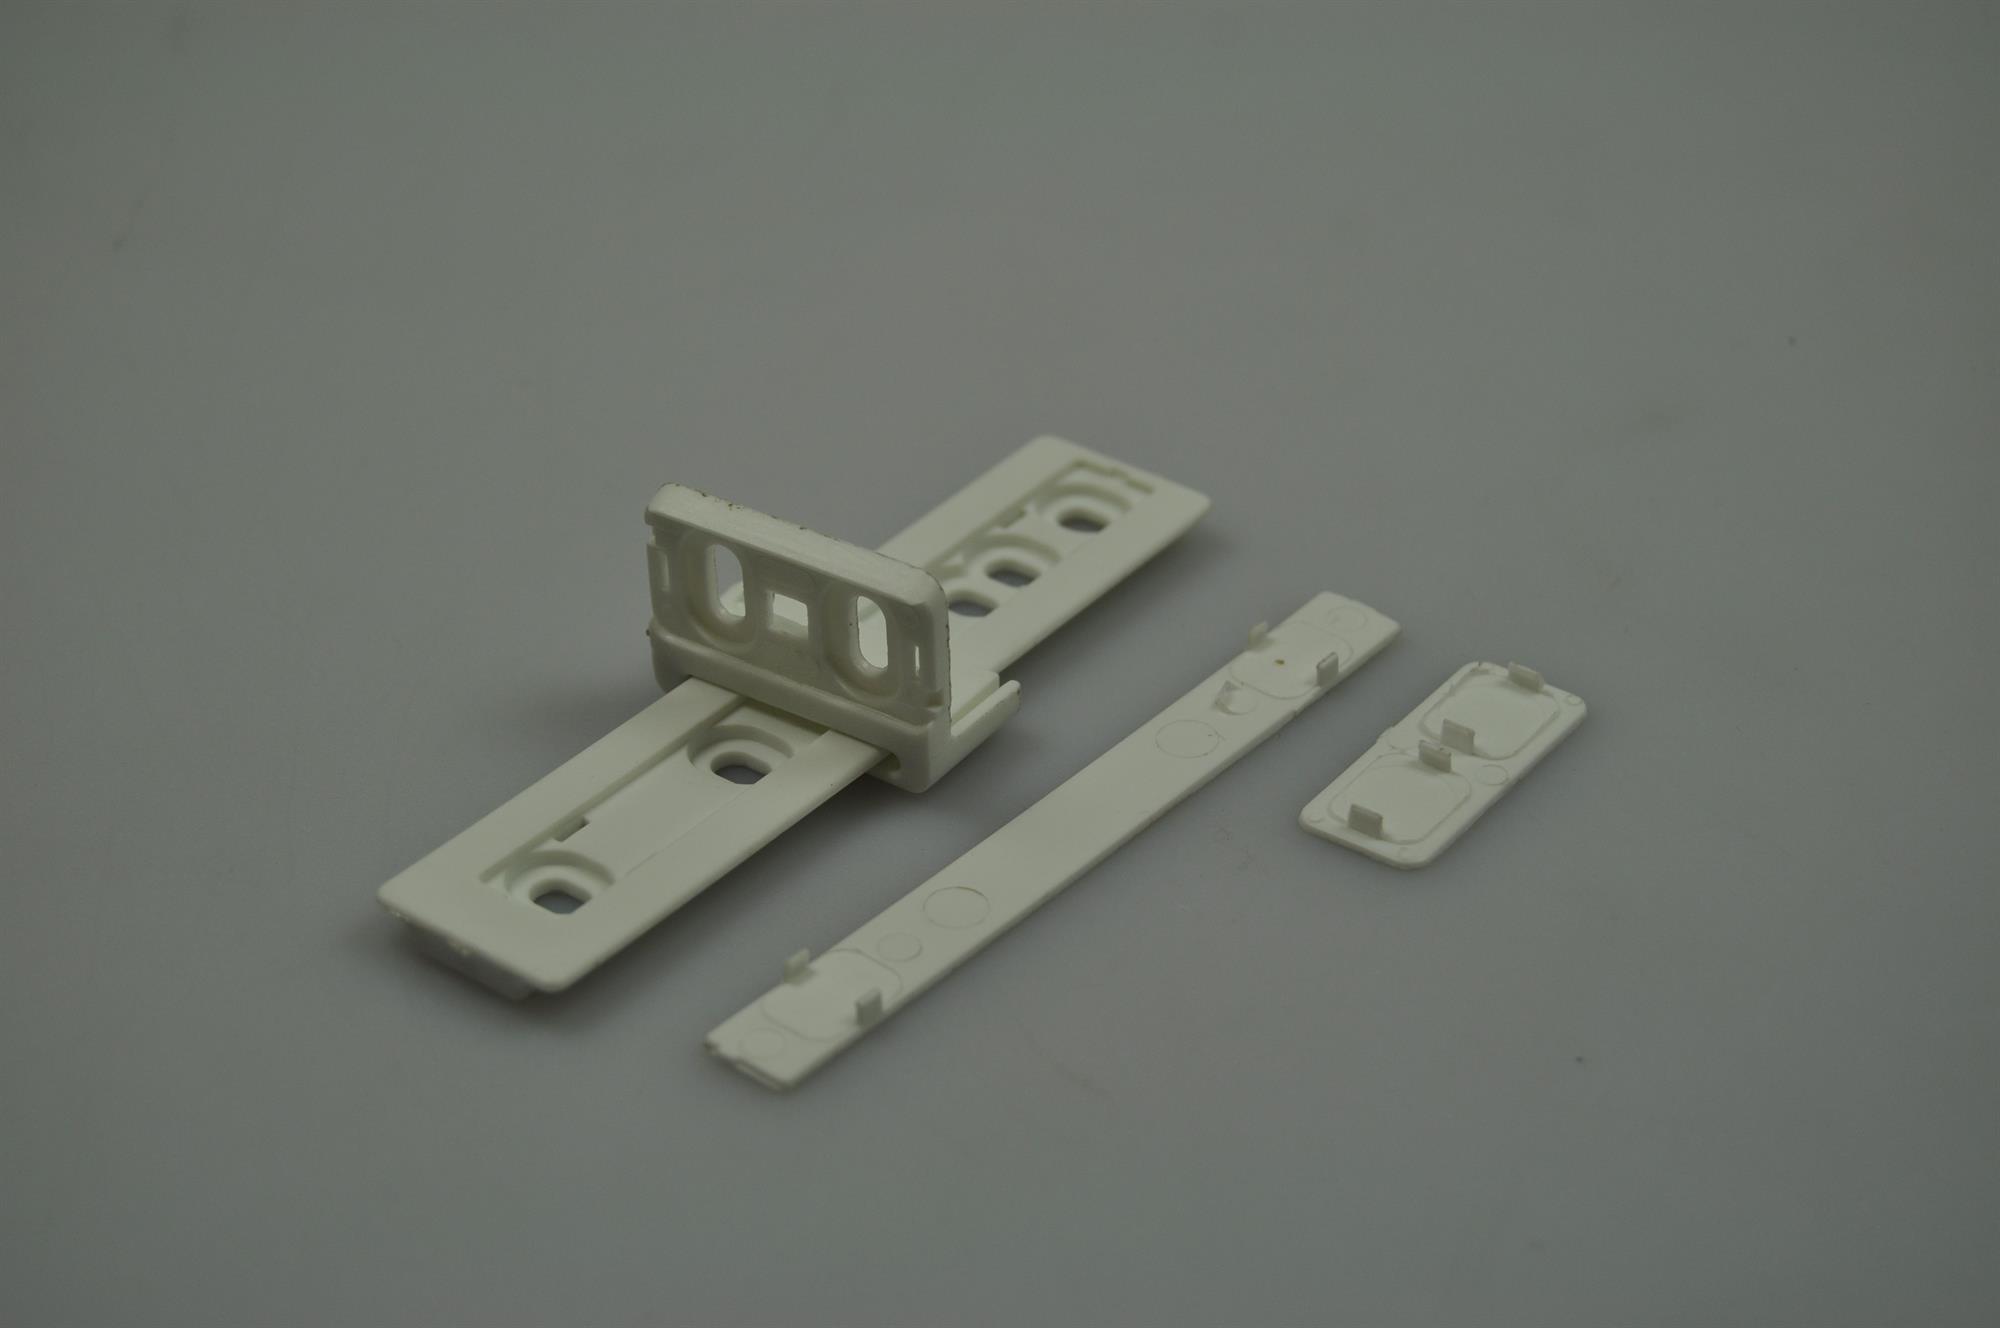 Beslag for køledør, Ikea køl & frys